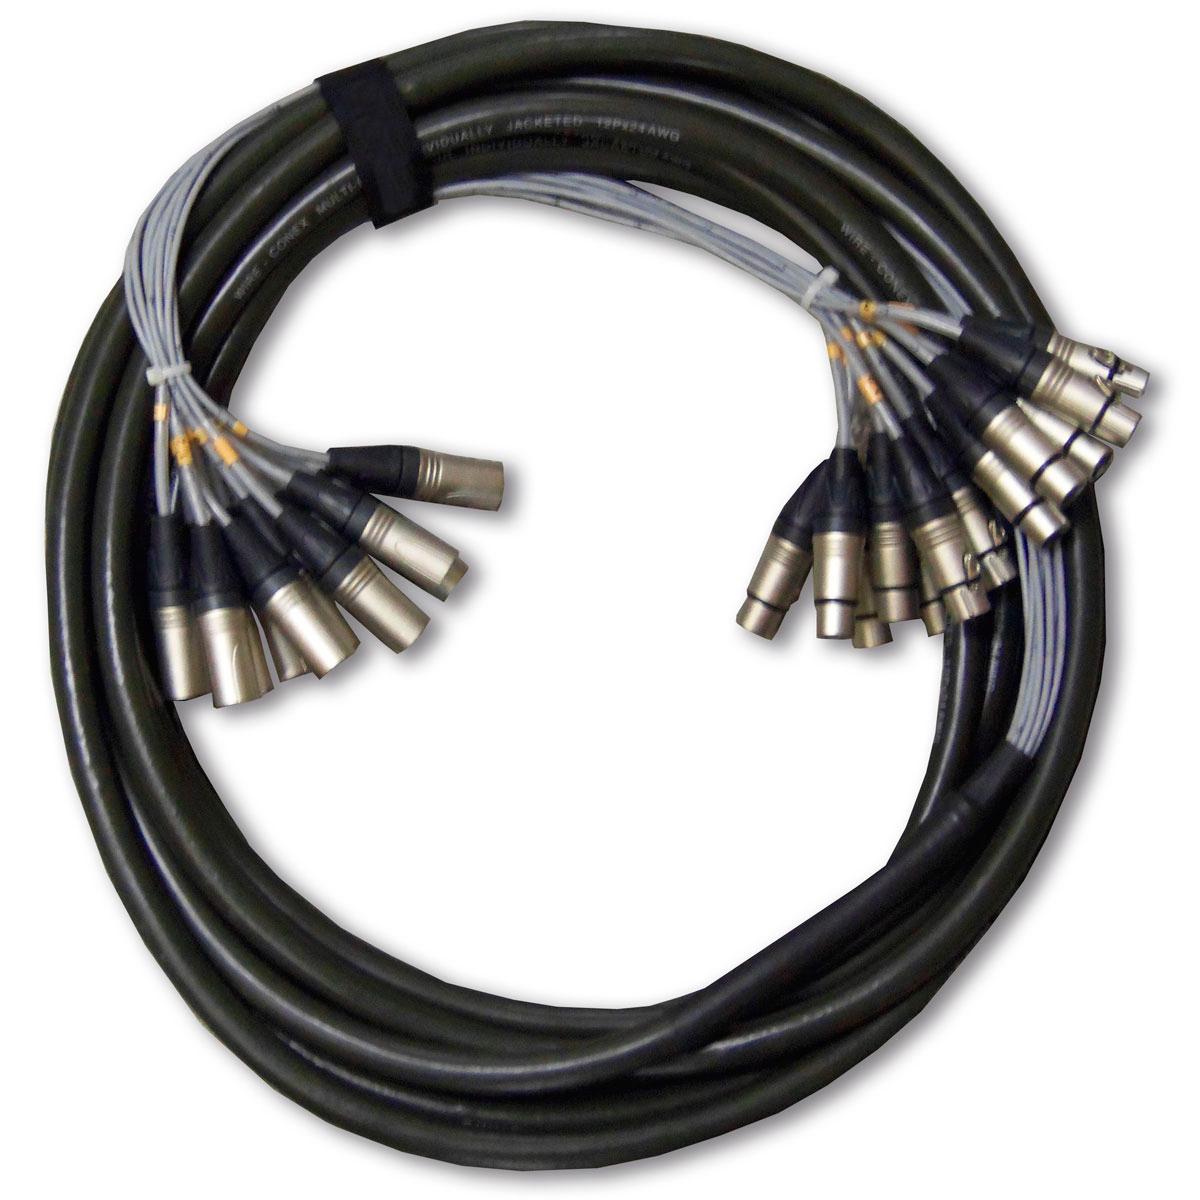 Multicabo 12 Vias XLR ( Balanceado ) p/ Bateria 10 Metros - VR Cabos